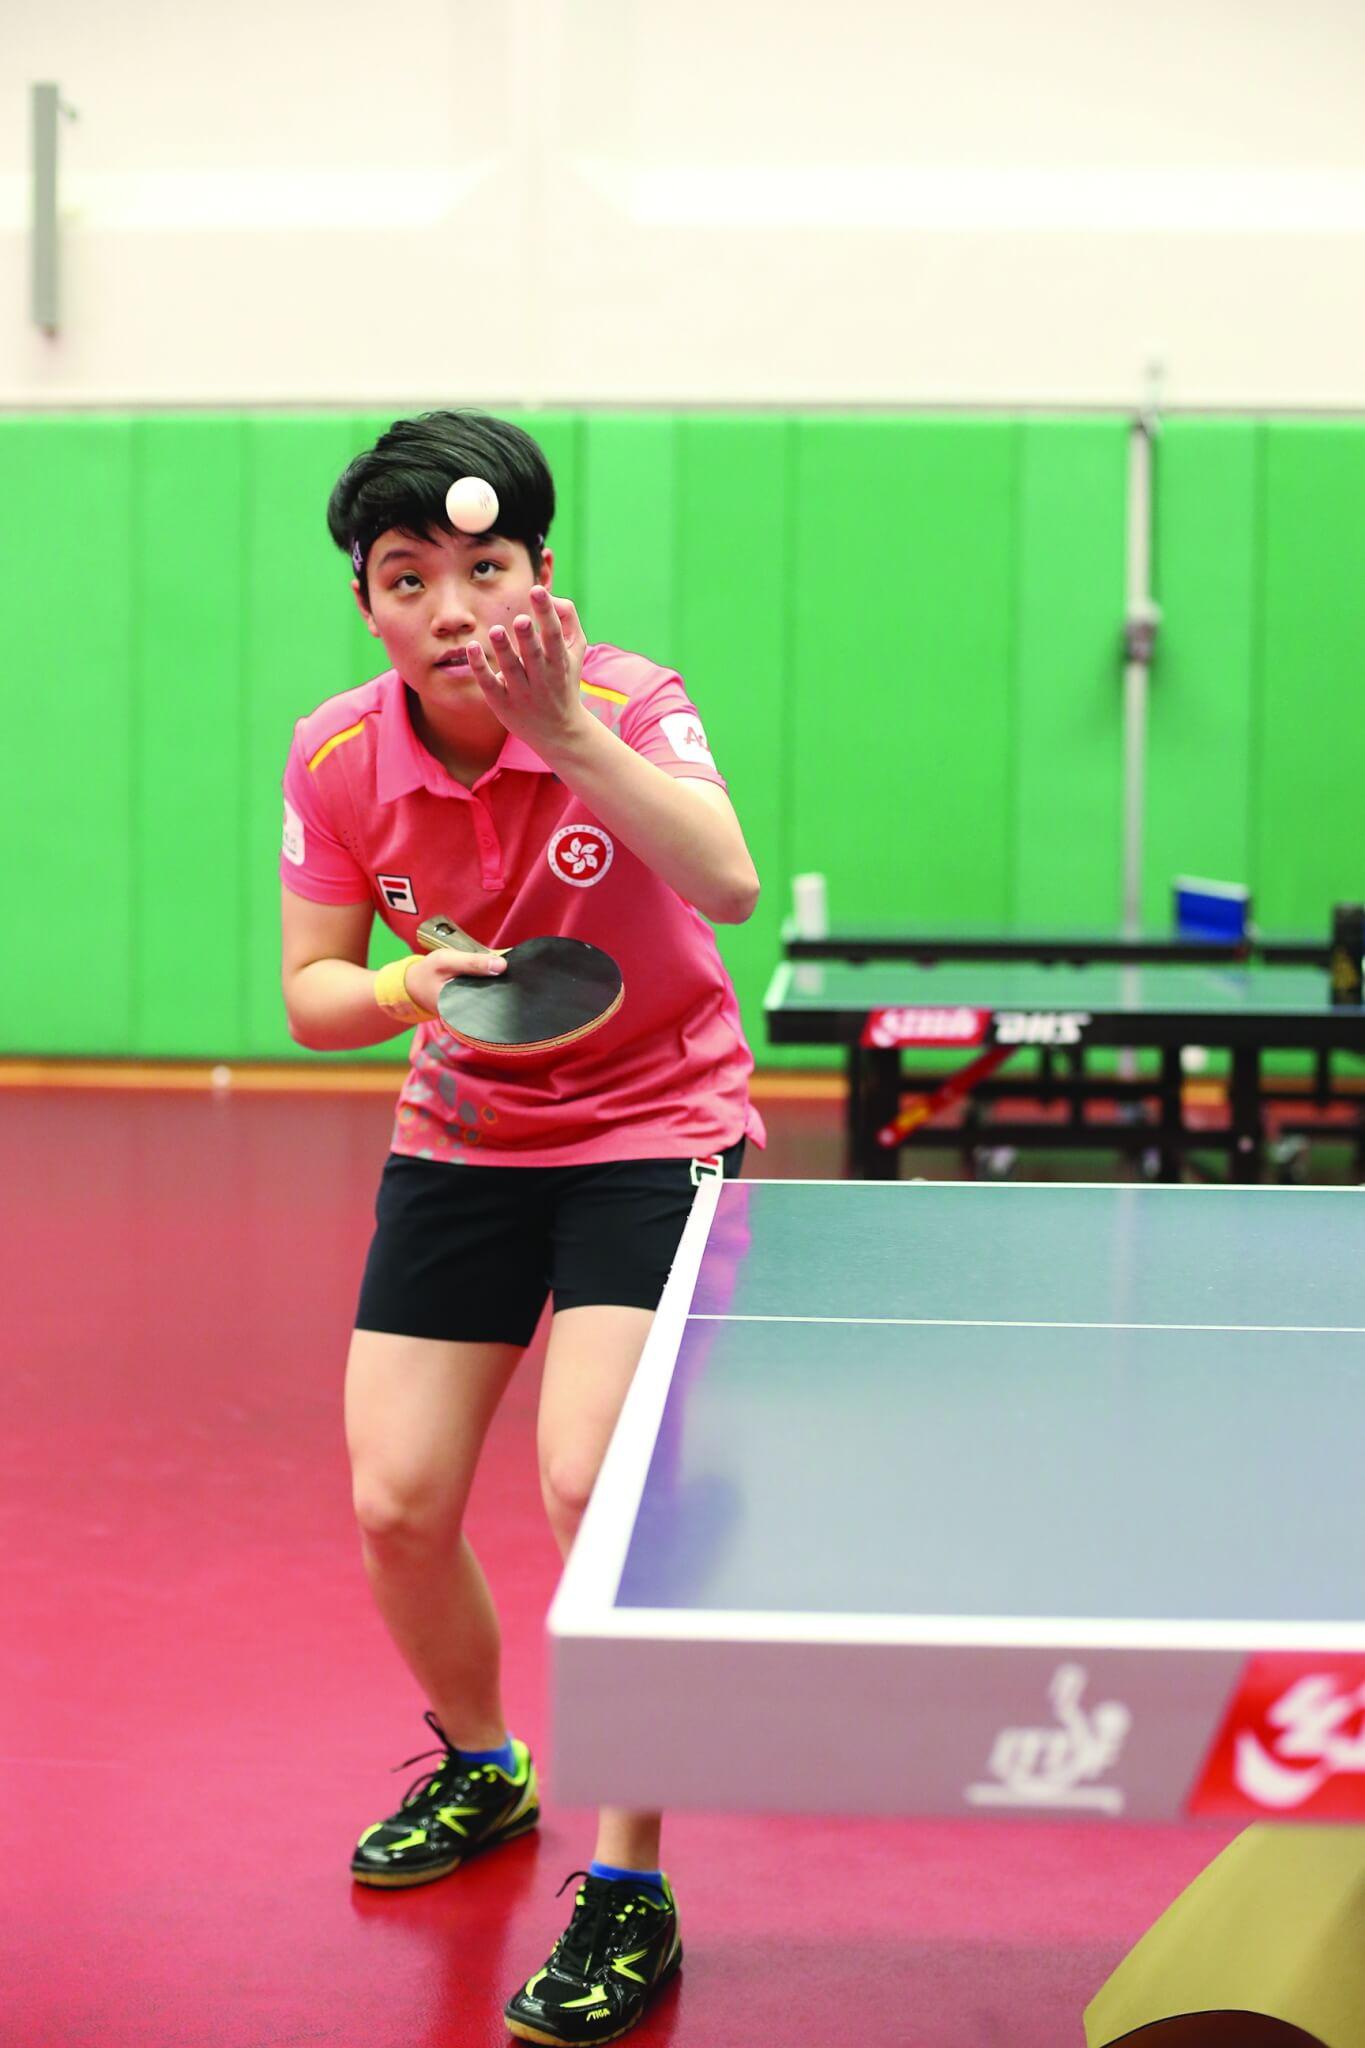 杜凱琹希望2020代表香港出戰東京奧運